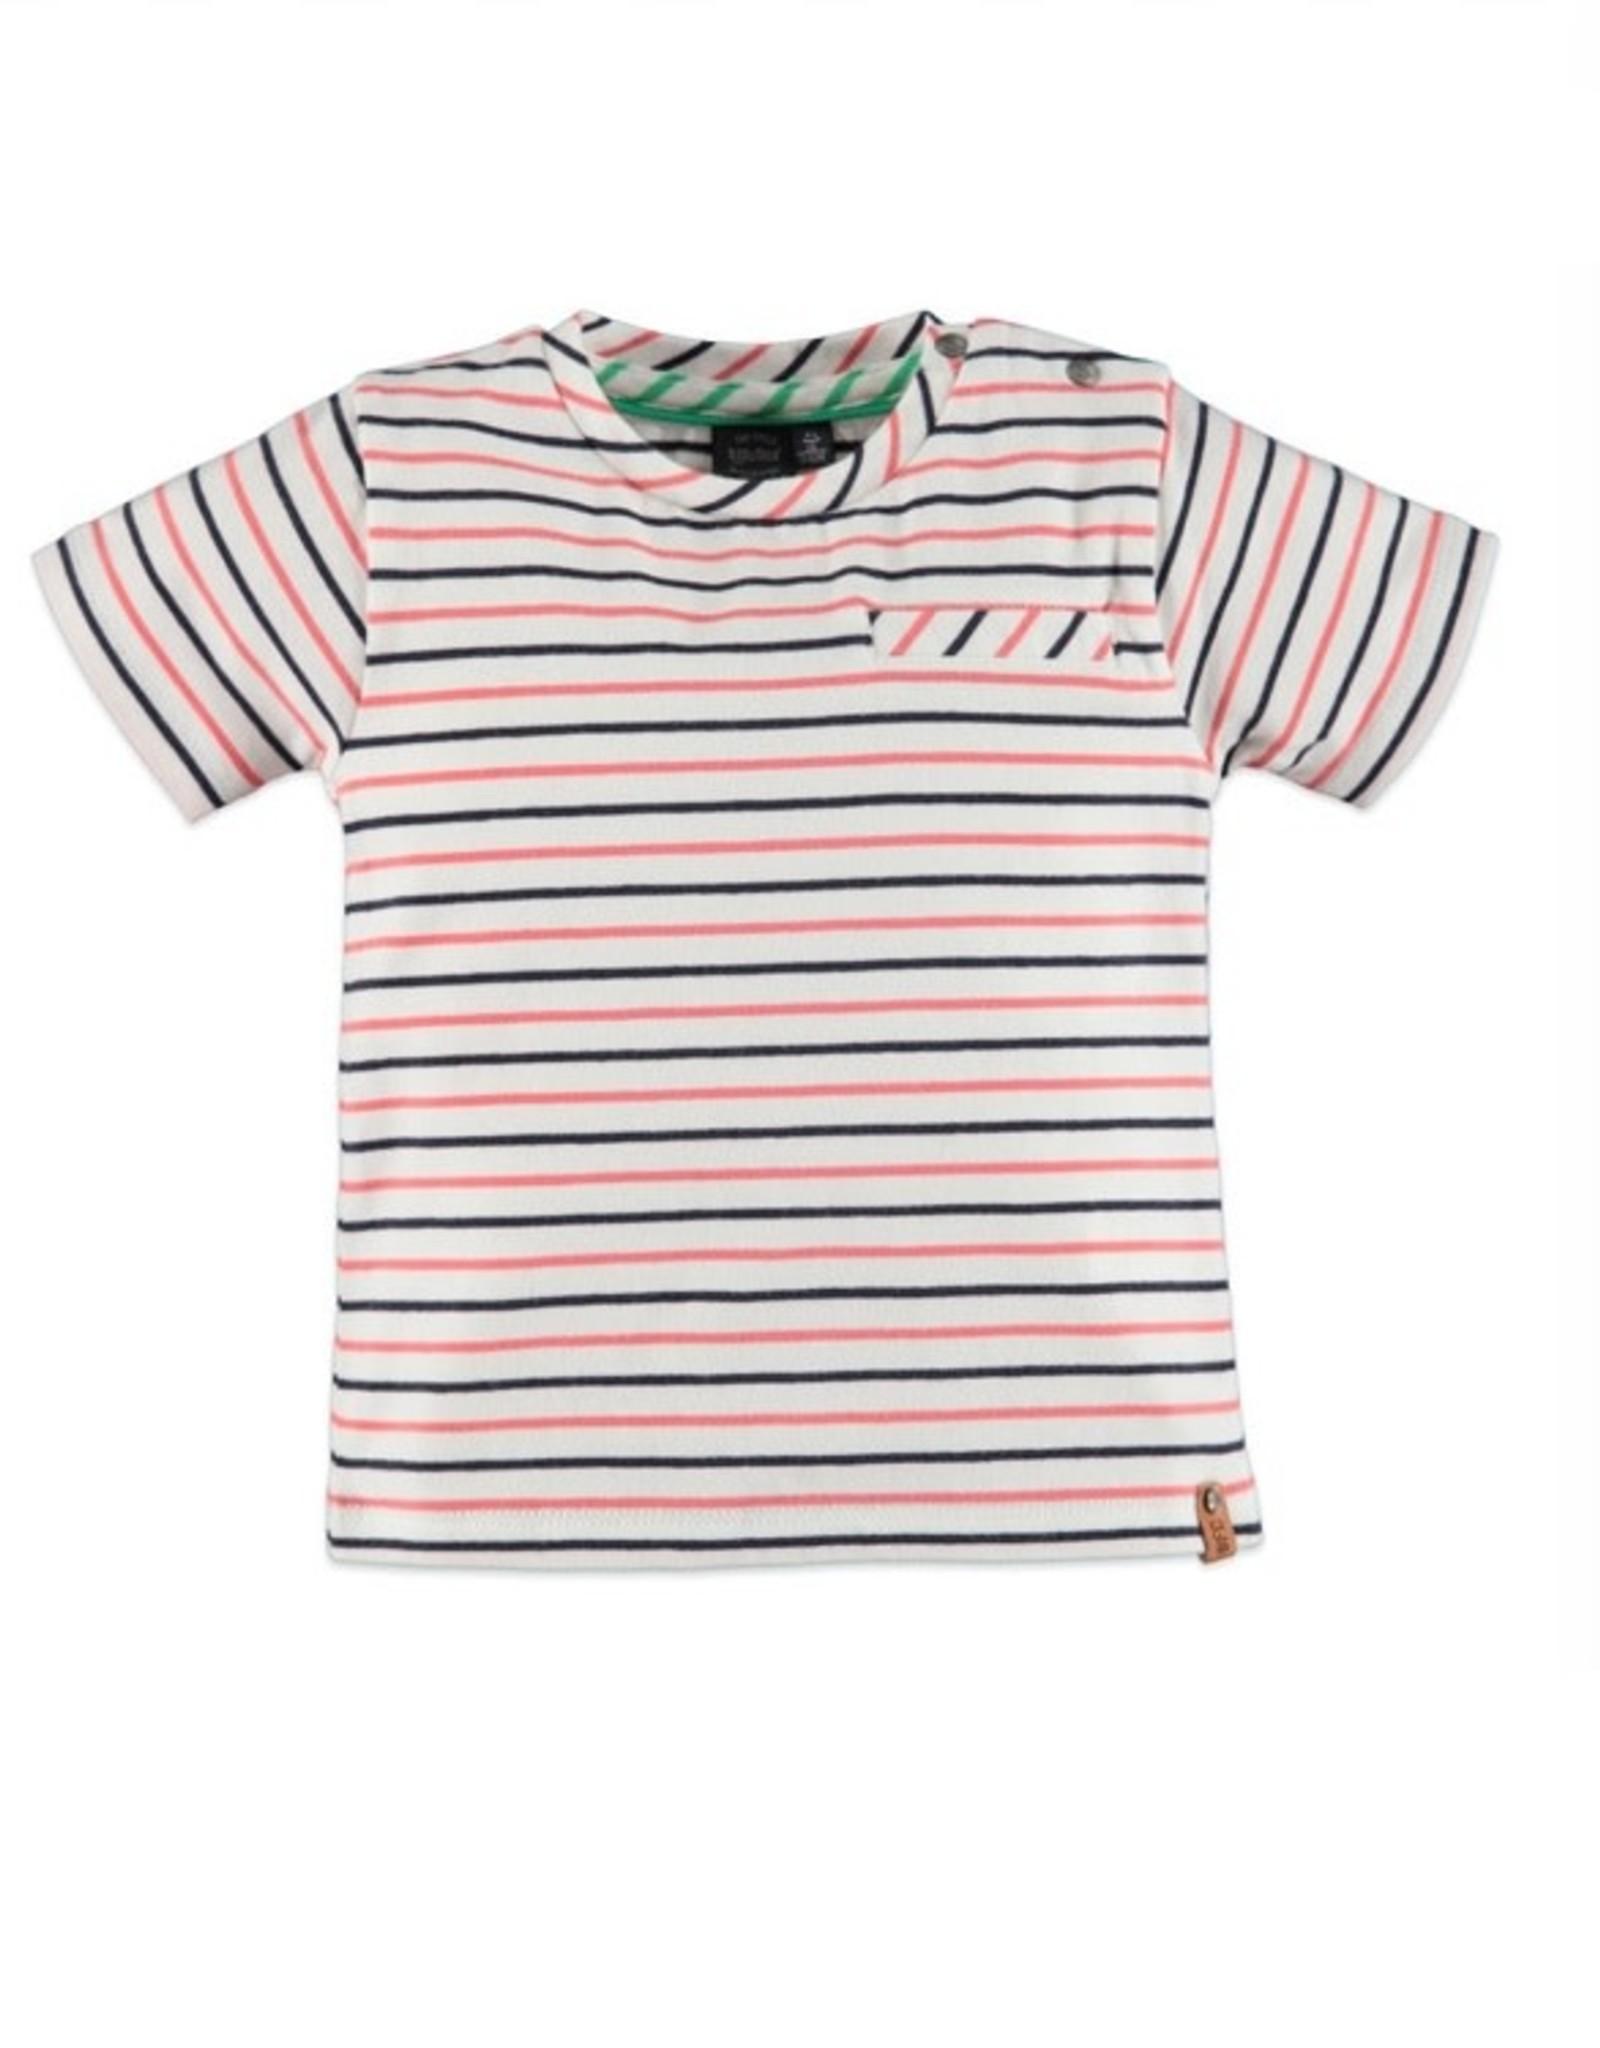 Babyface Jongens T-shirt streep 0107649